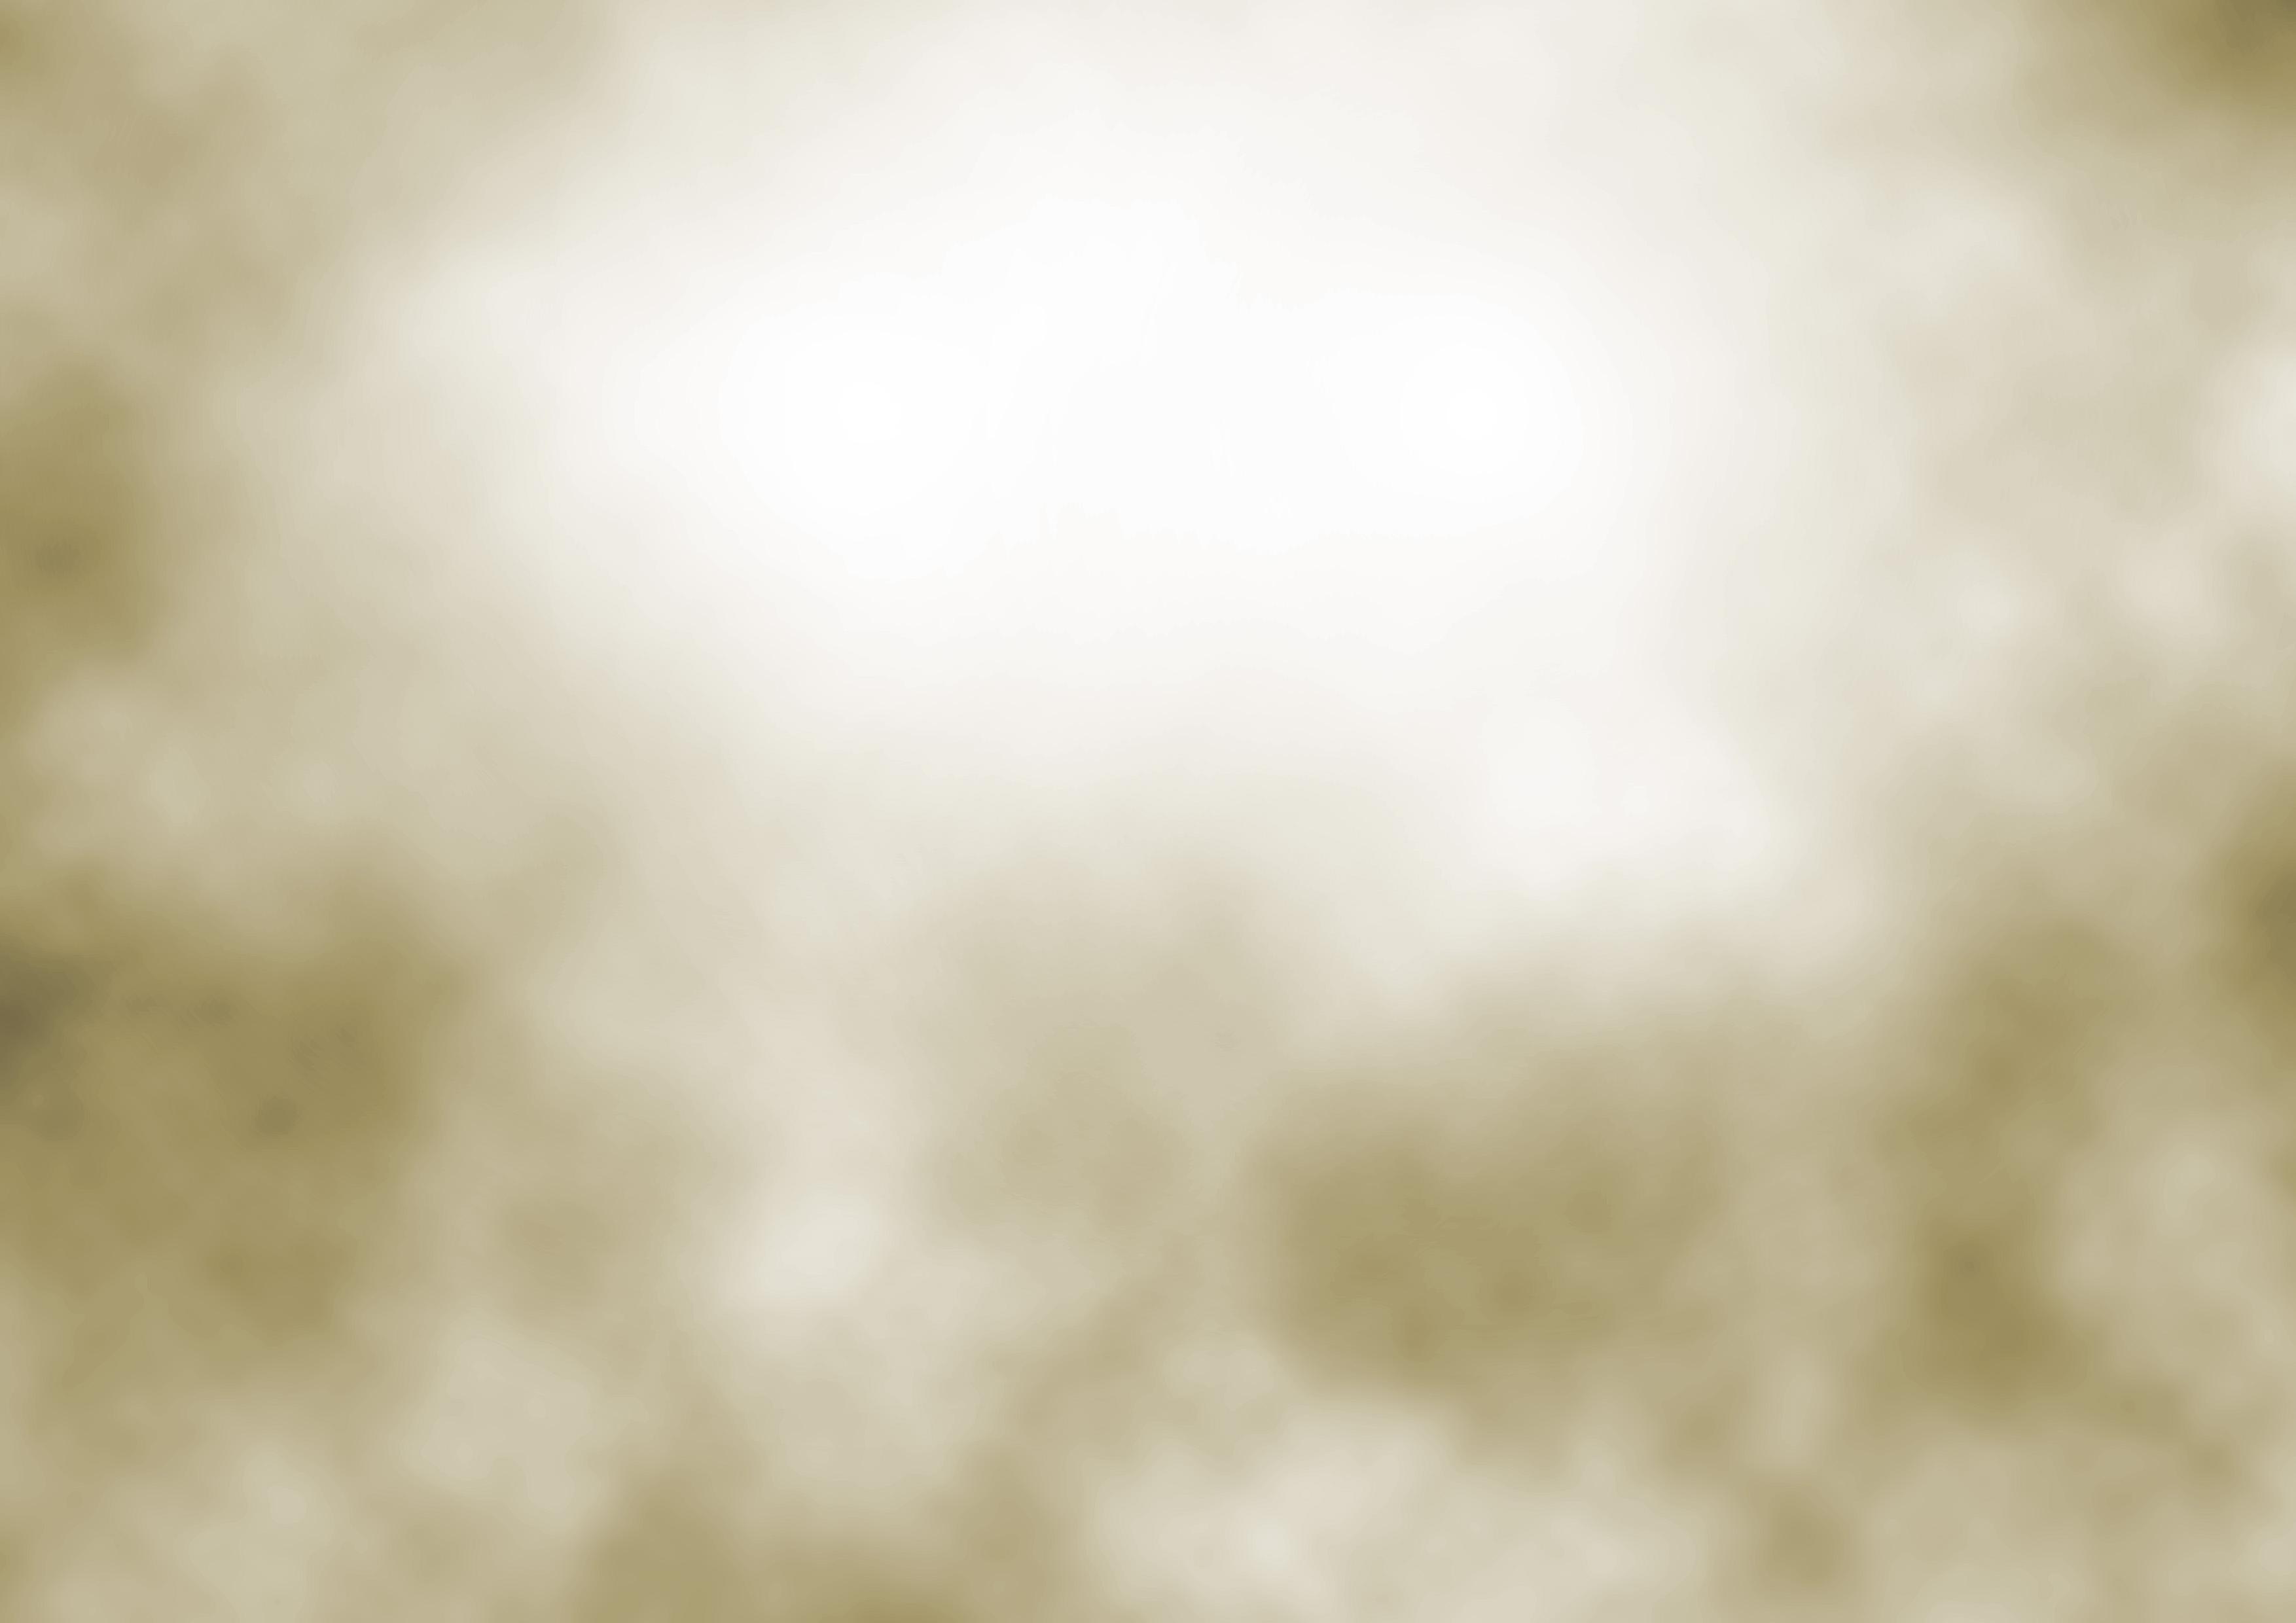 Index of /~woljo/photoshop/extra/1. studio backgrounds/white_spot ...